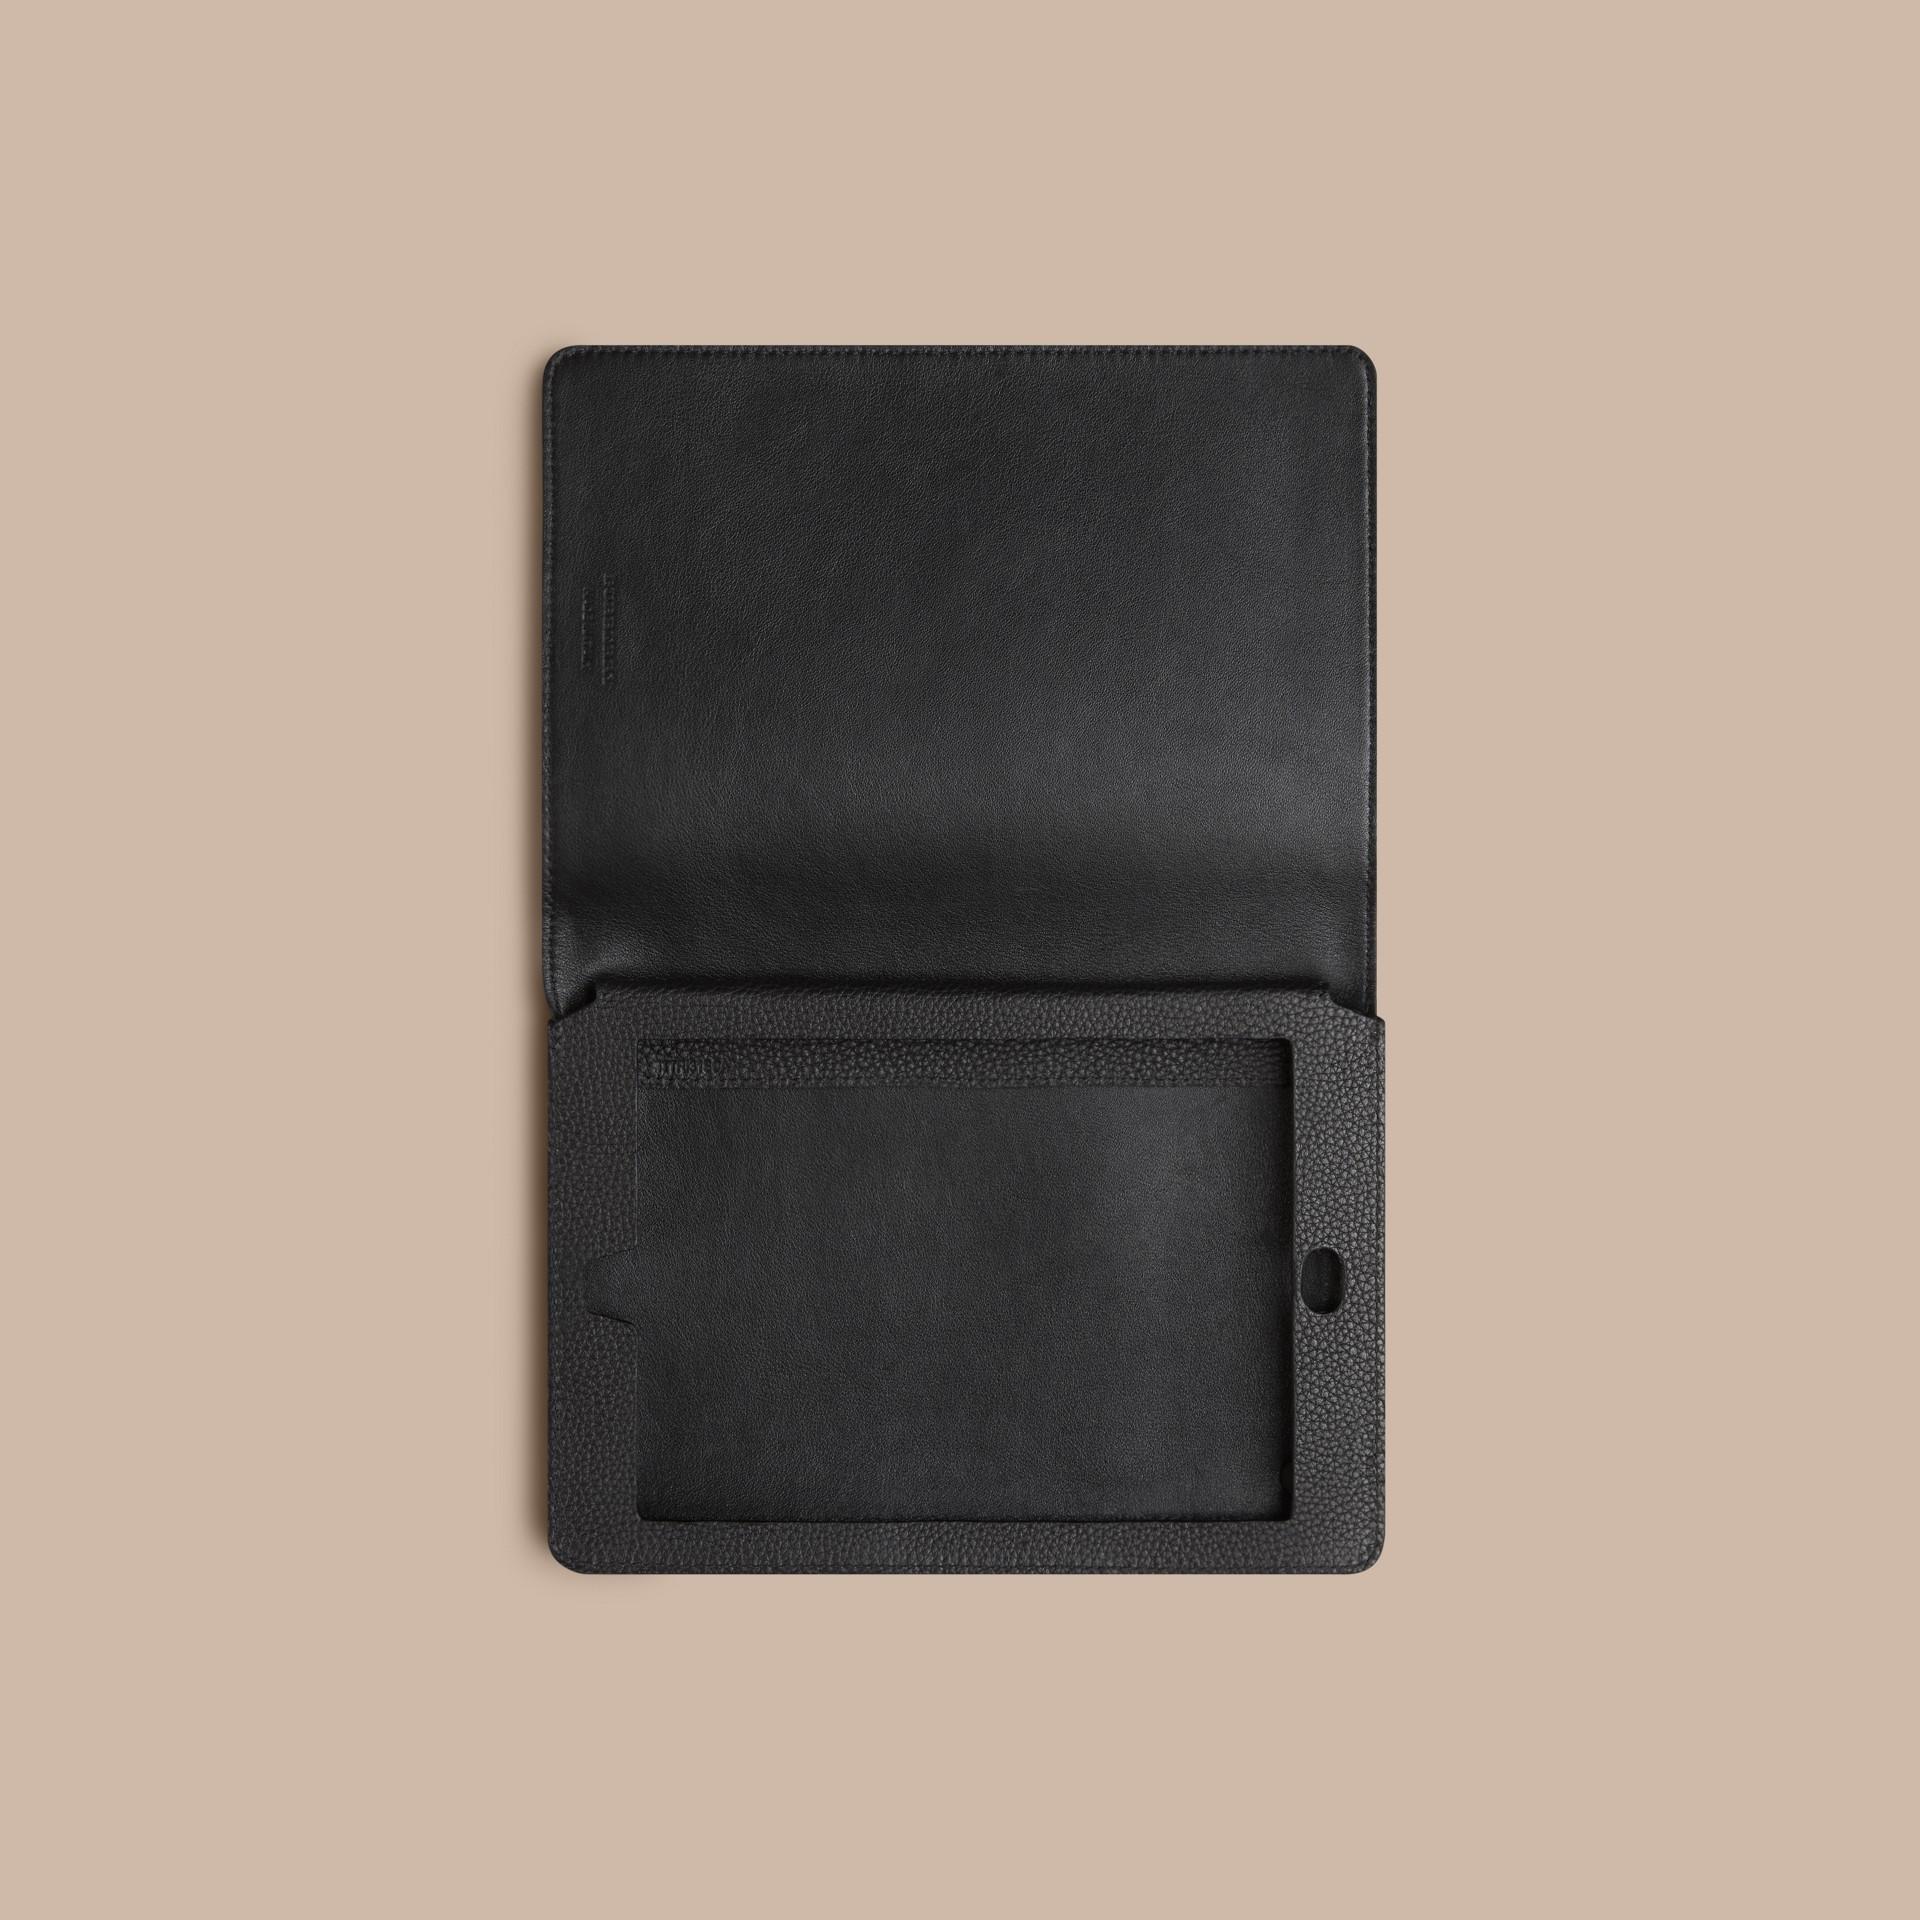 Nero Custodia per iPad mini in pelle a grana Nero - immagine della galleria 3